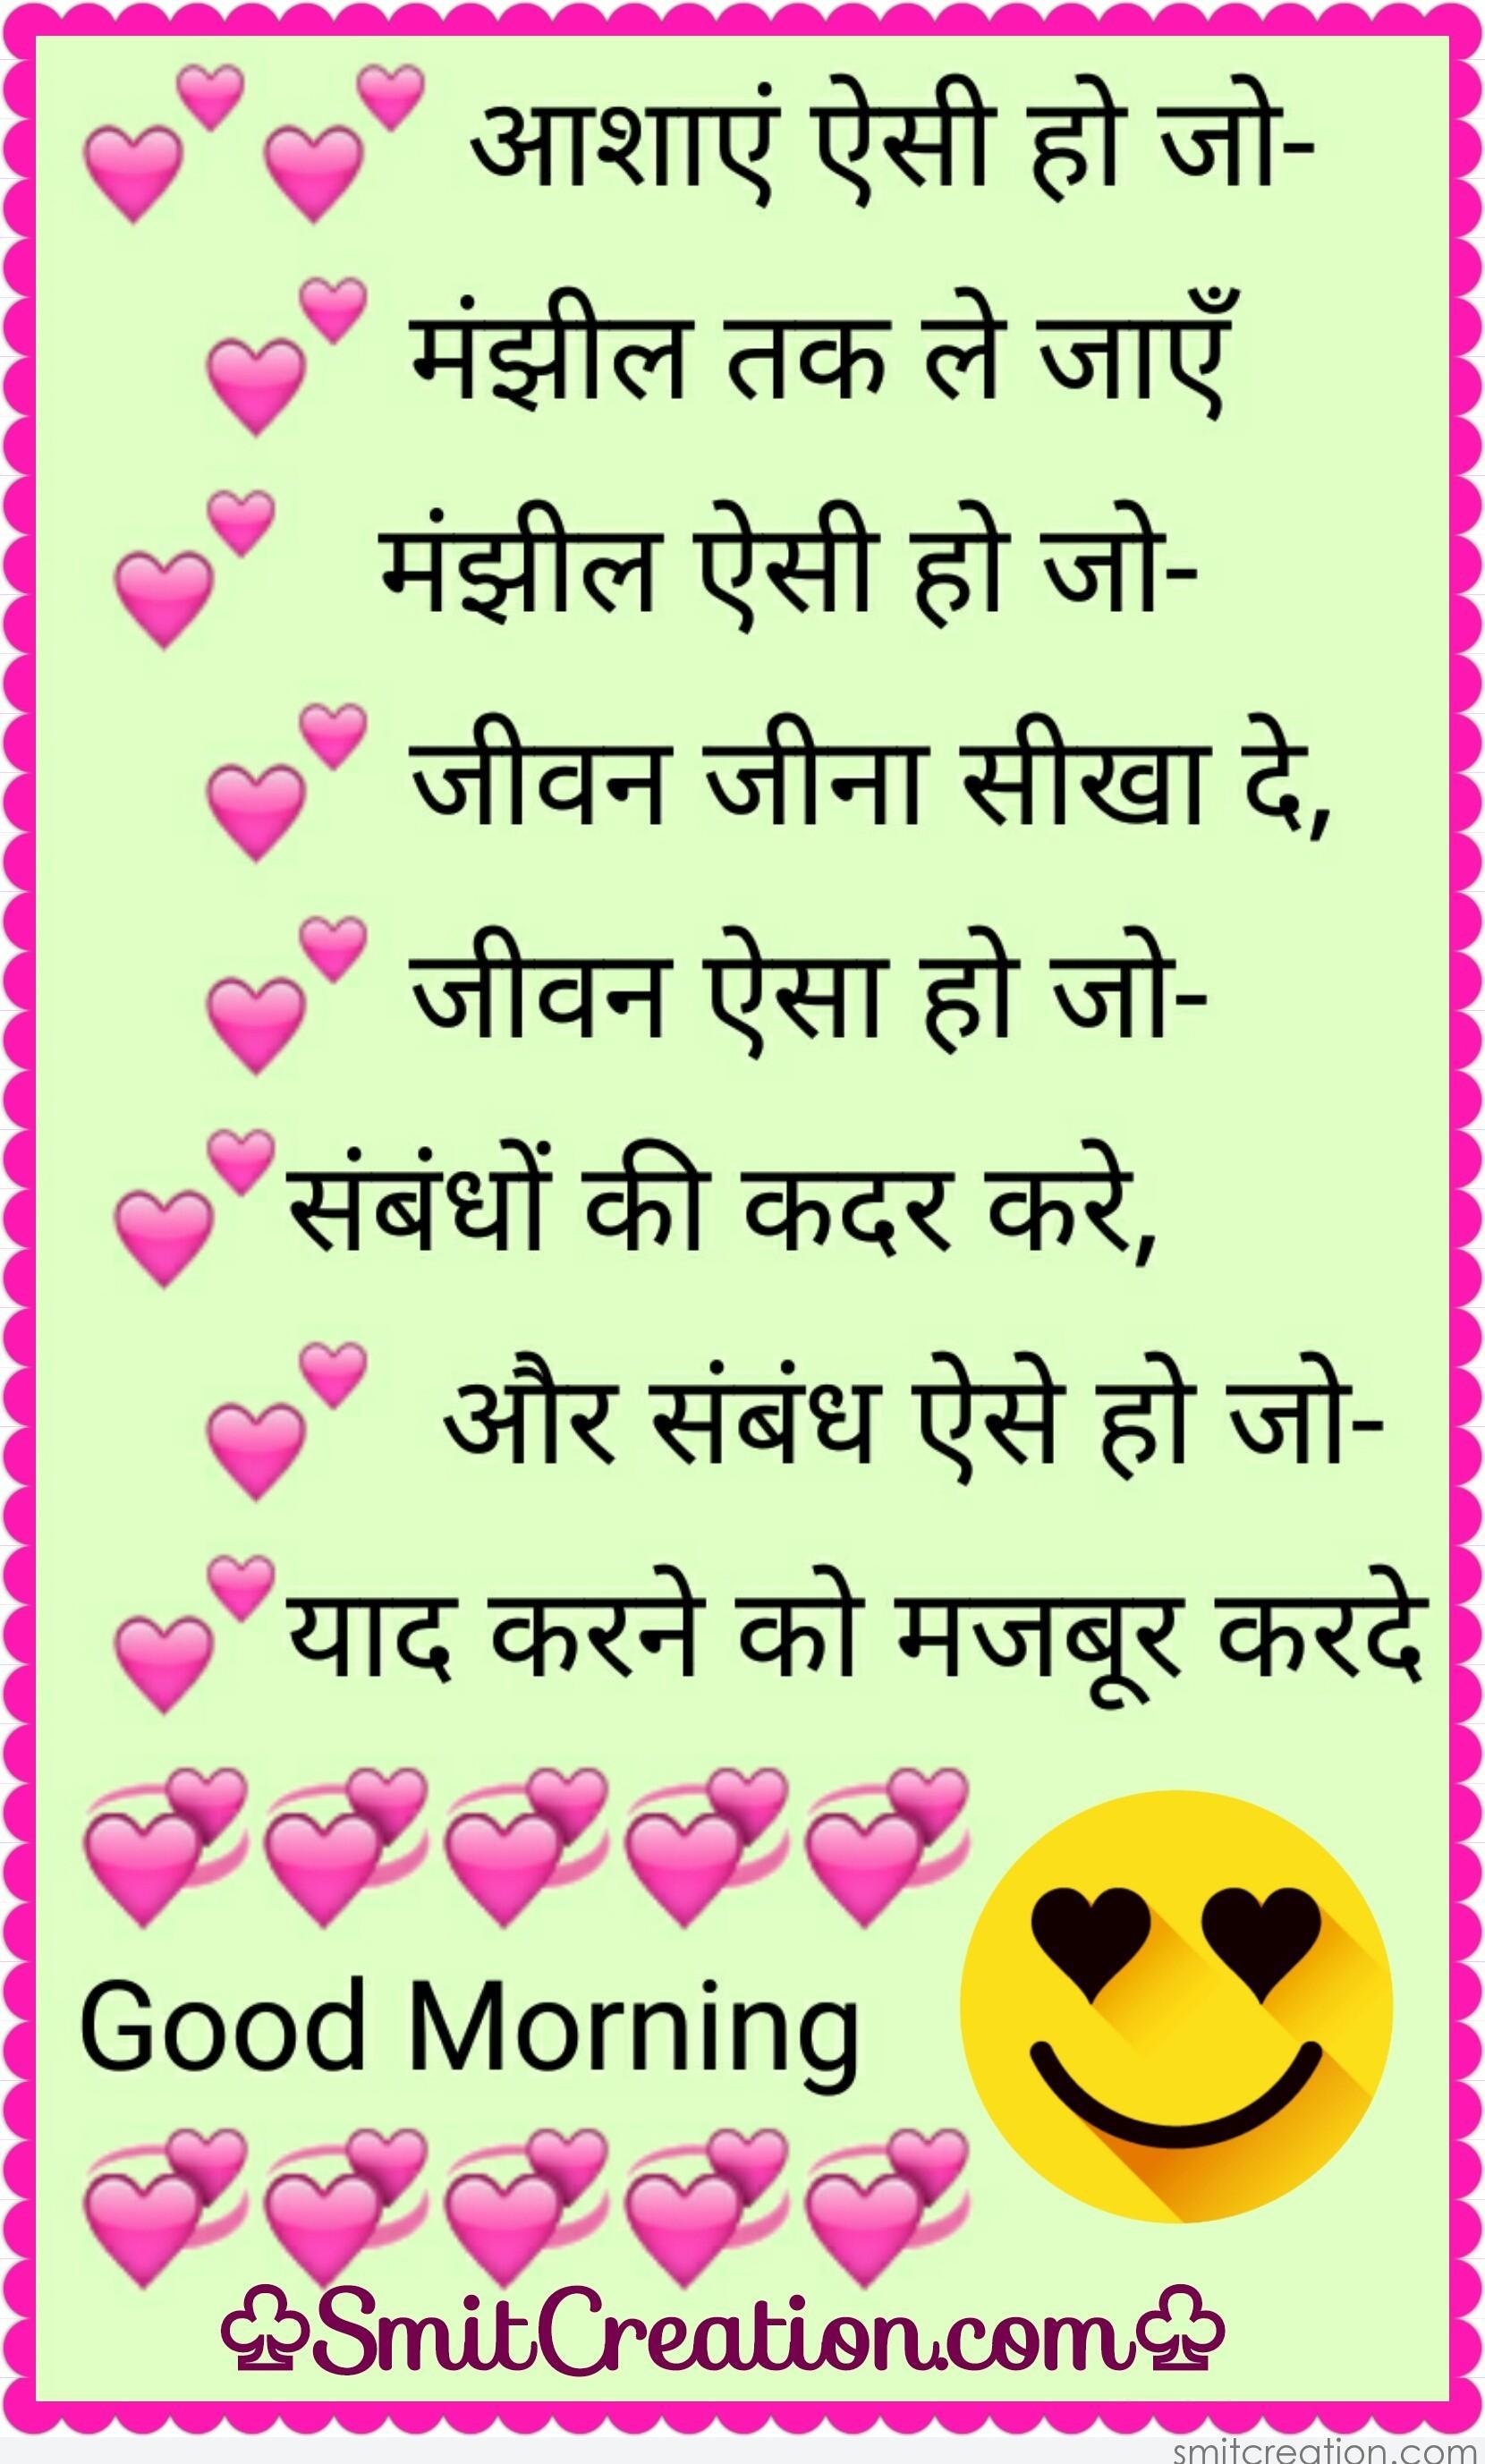 Good Morning Hindi Quote On Aasha - SmitCreation.com